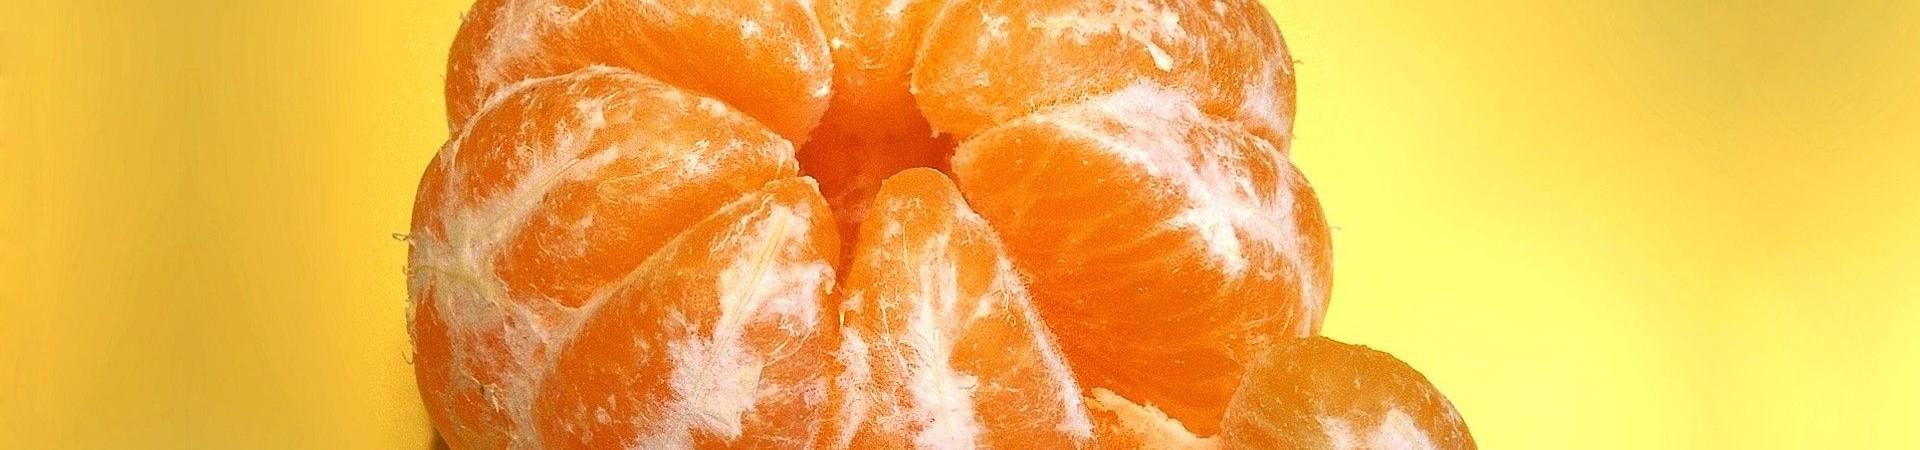 mandarinka-162454